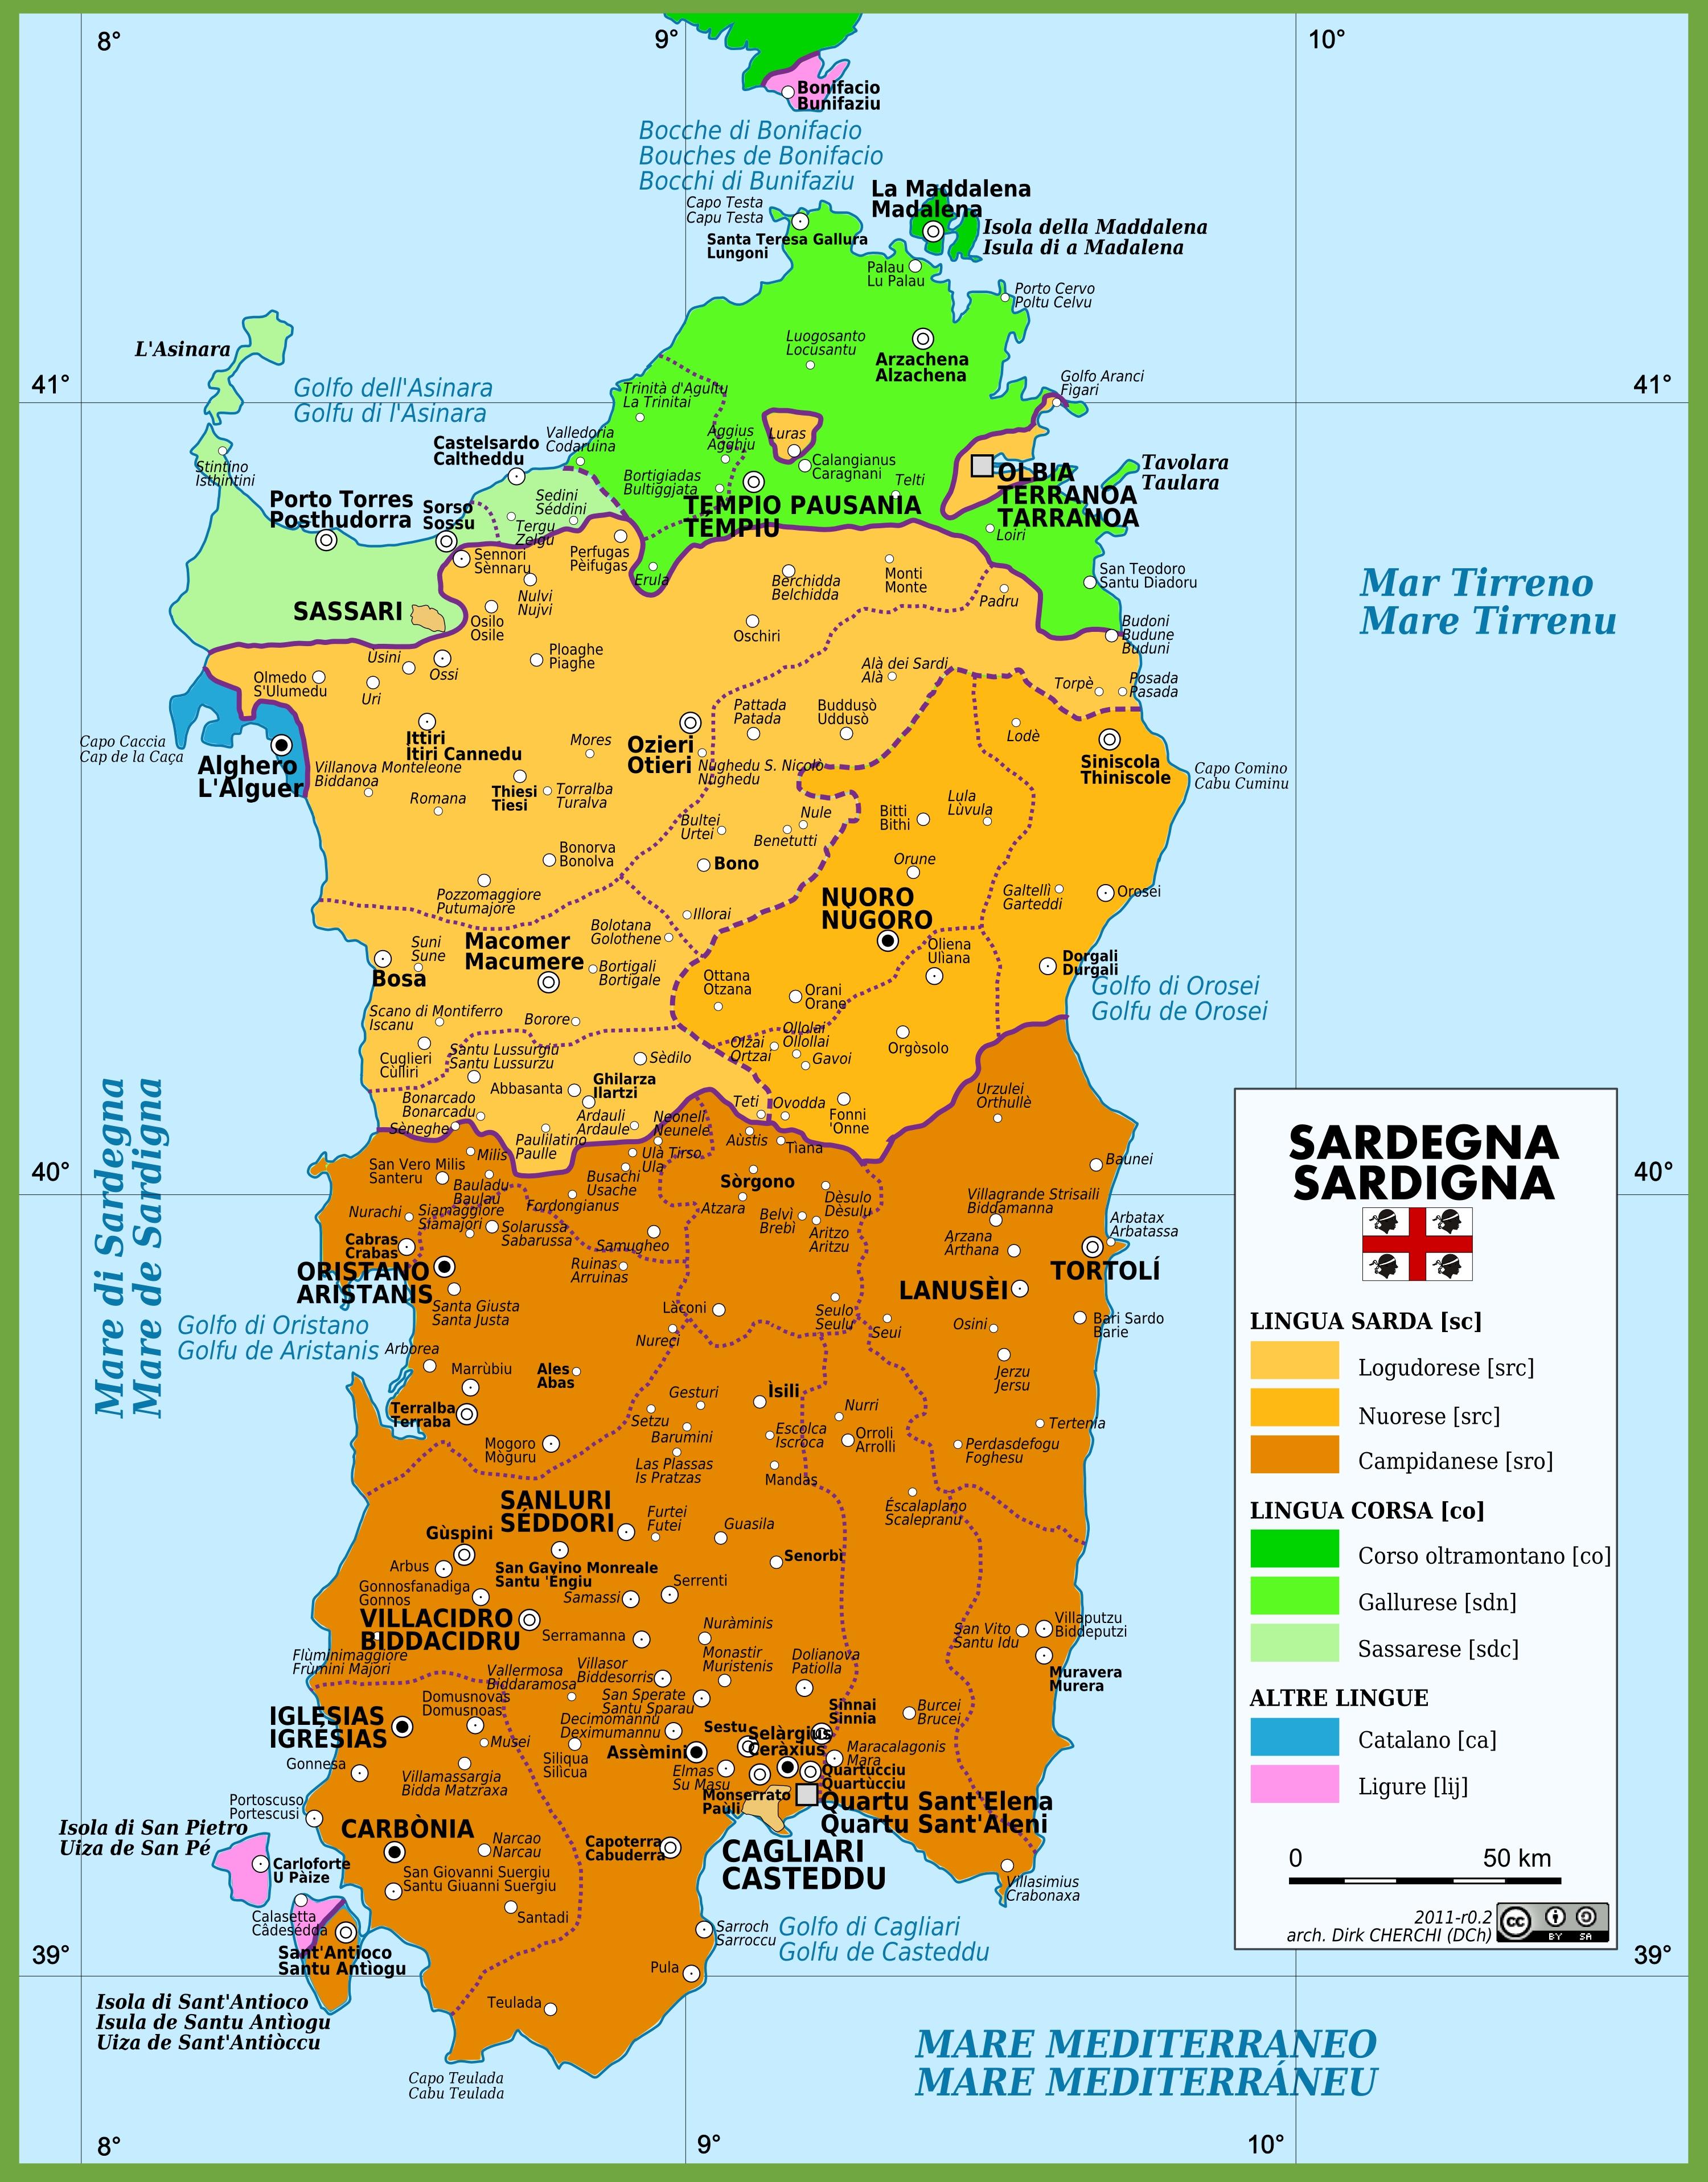 Cartina Sardegna Grande.Mappa Delle Lingue In Sardegna